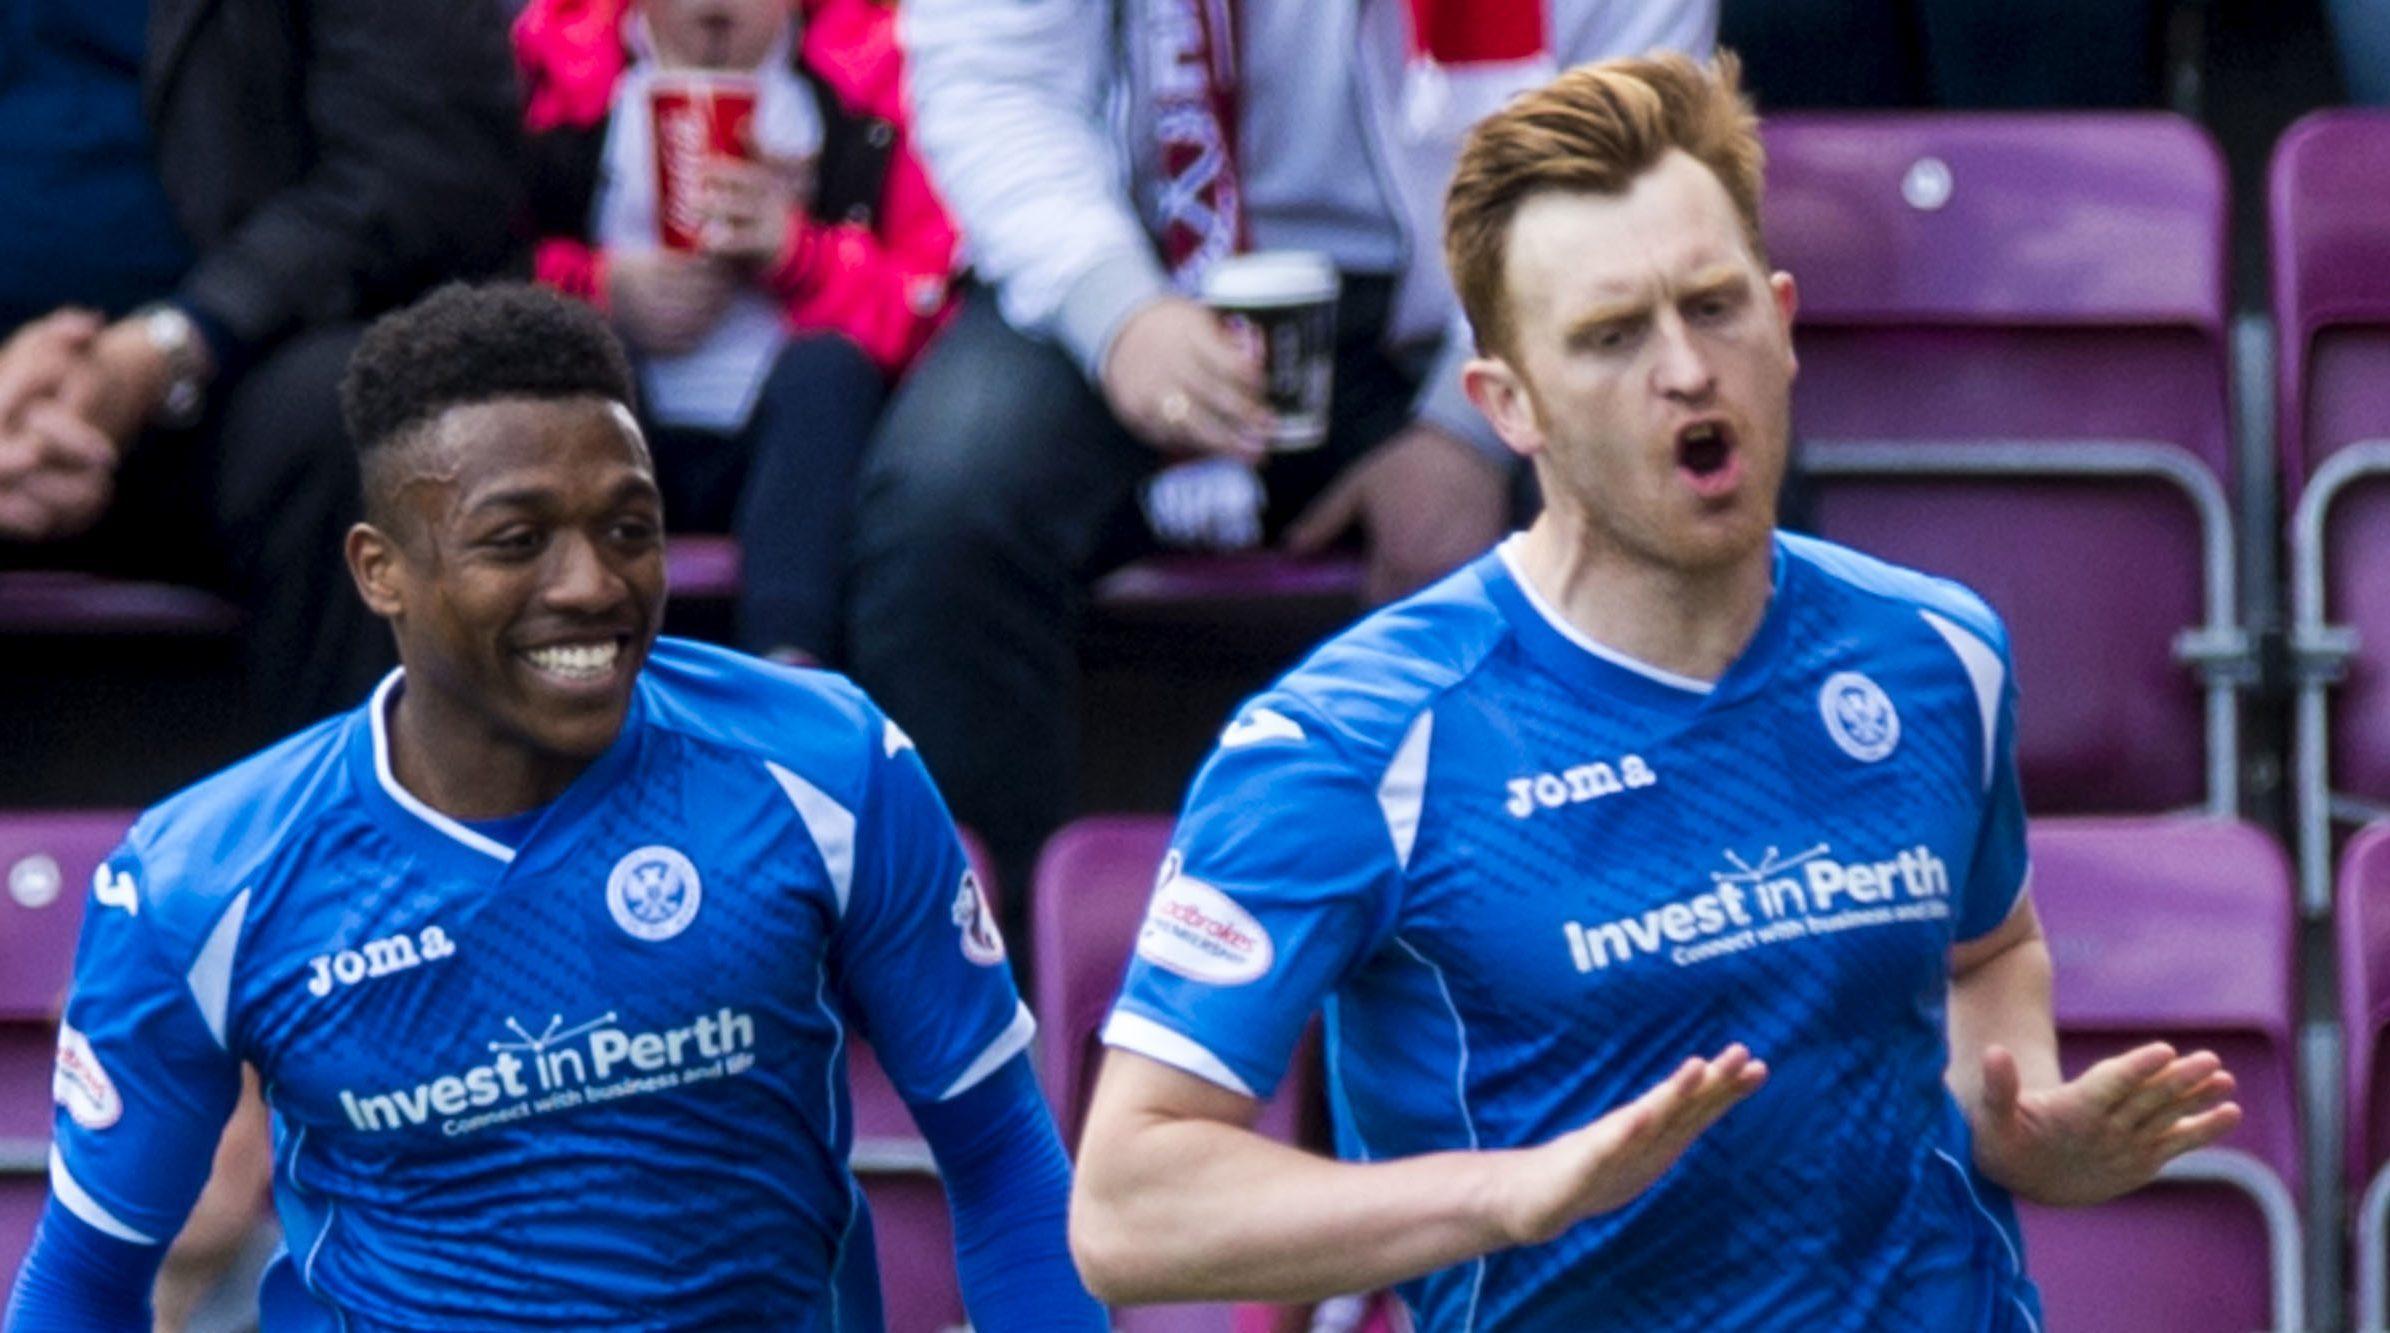 St Johnstone's Liam Craig celebrates his goal.